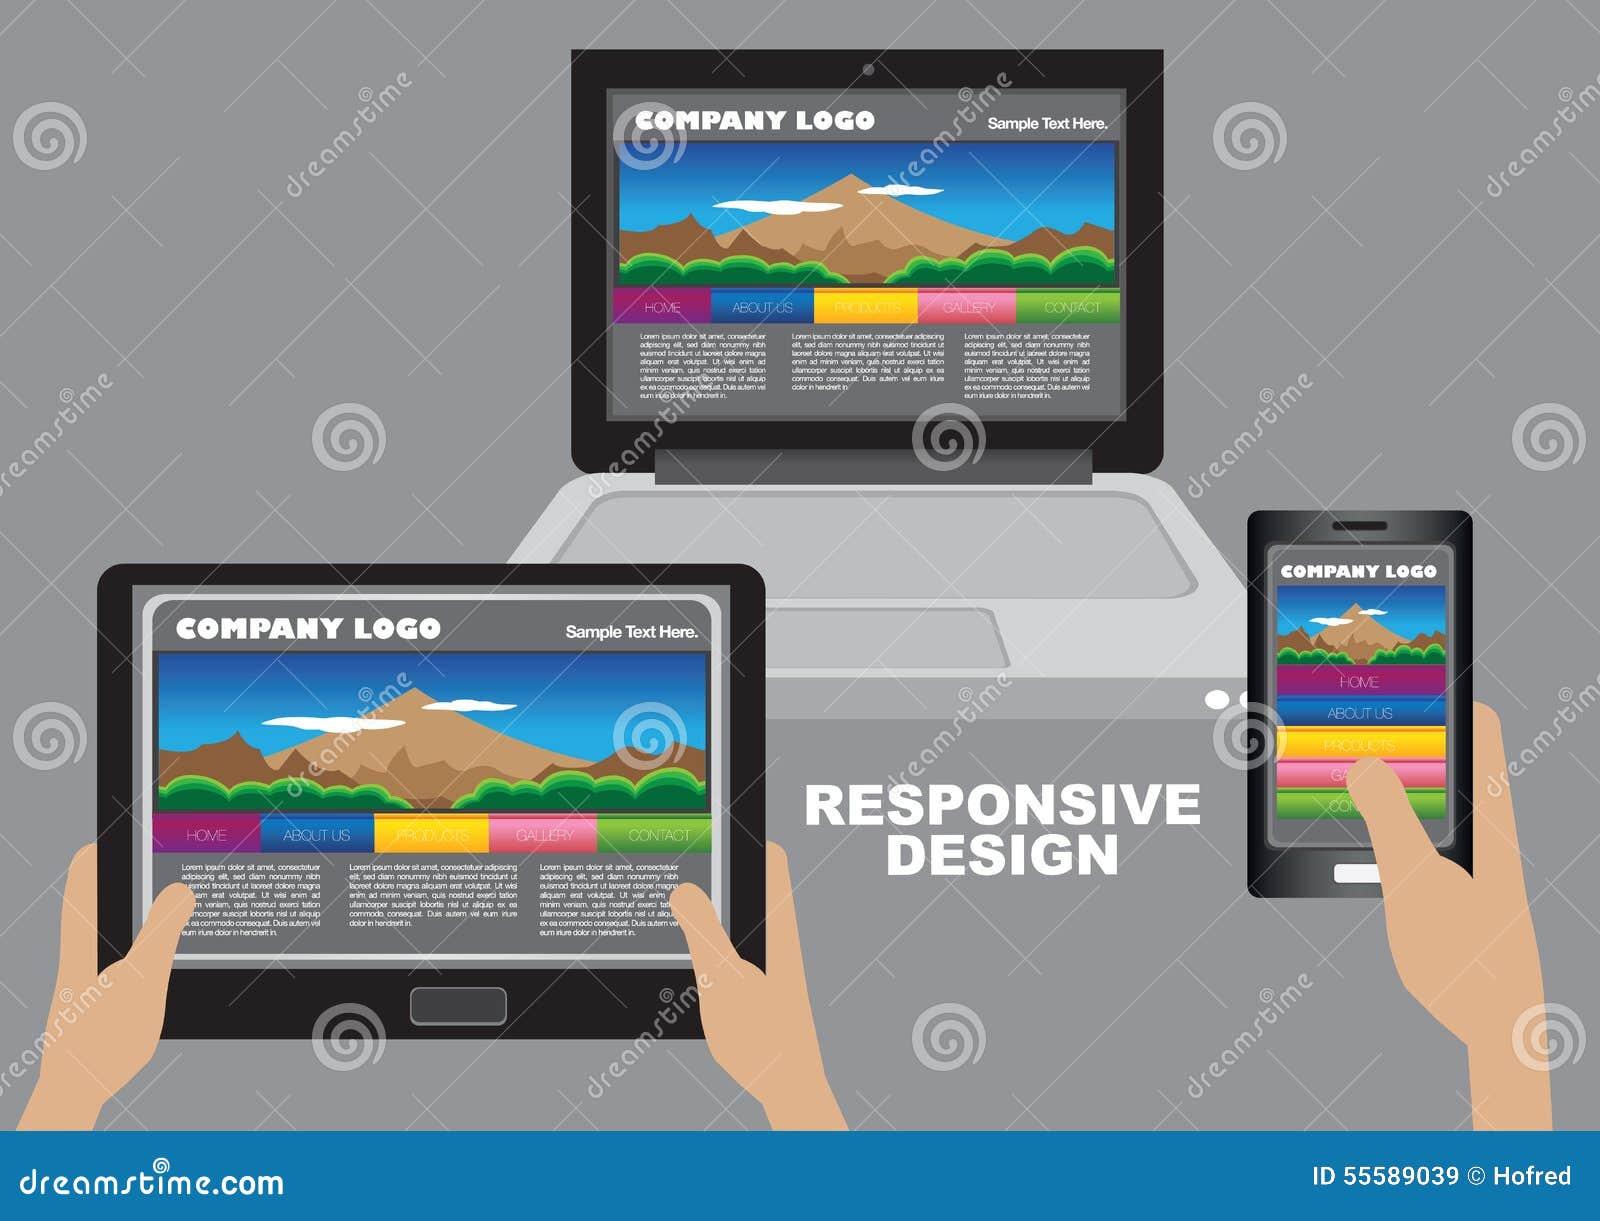 responsive web design layout design stock vector image. Black Bedroom Furniture Sets. Home Design Ideas